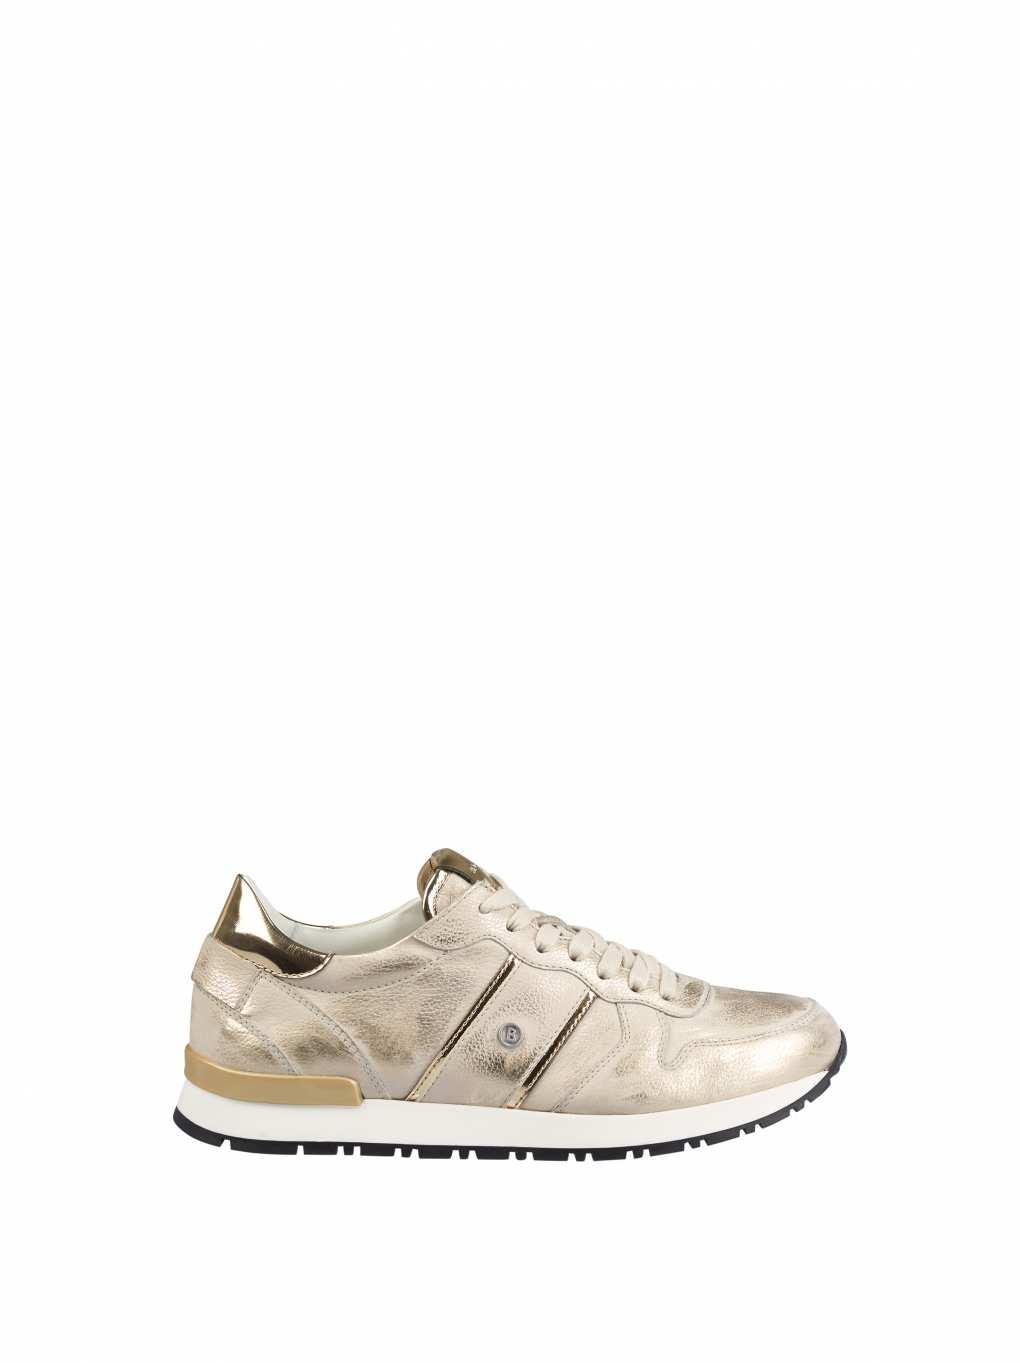 Кроссовки ISBOA LADY 2 Bogner Shoes woman